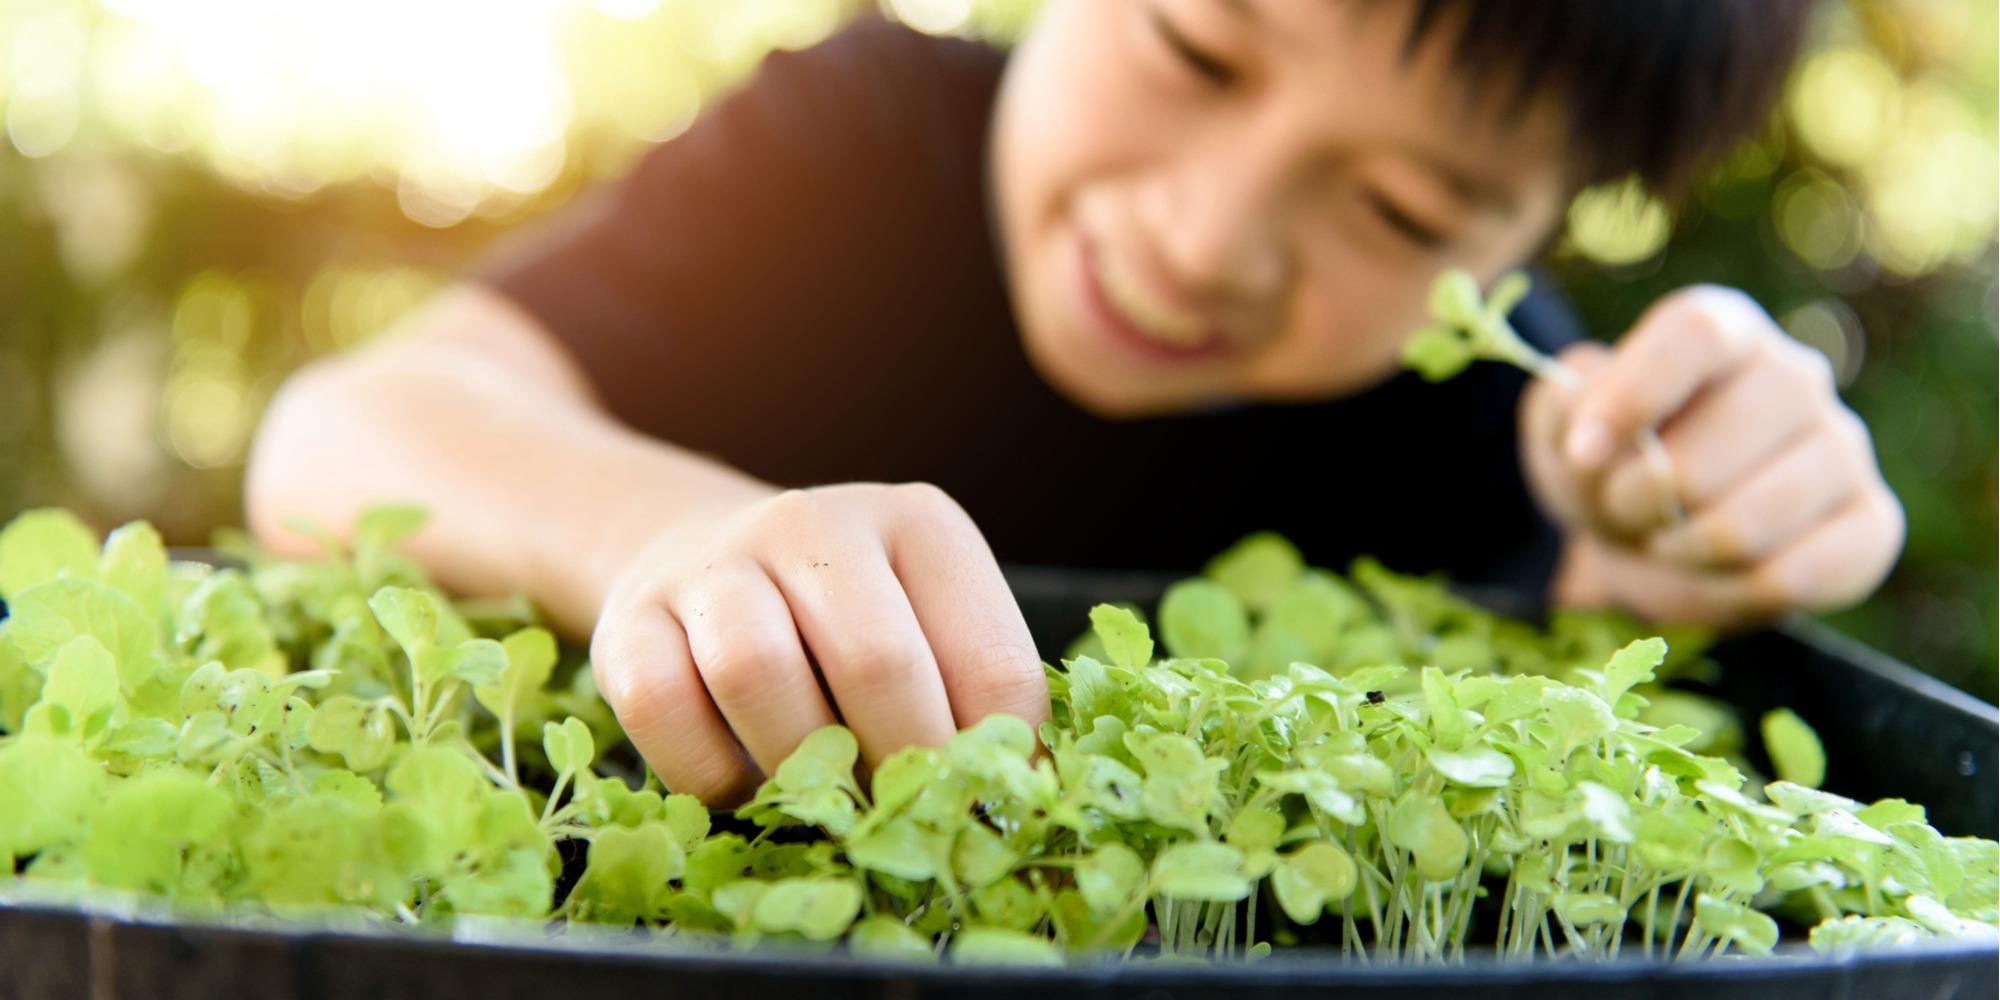 gardening with kids ideas